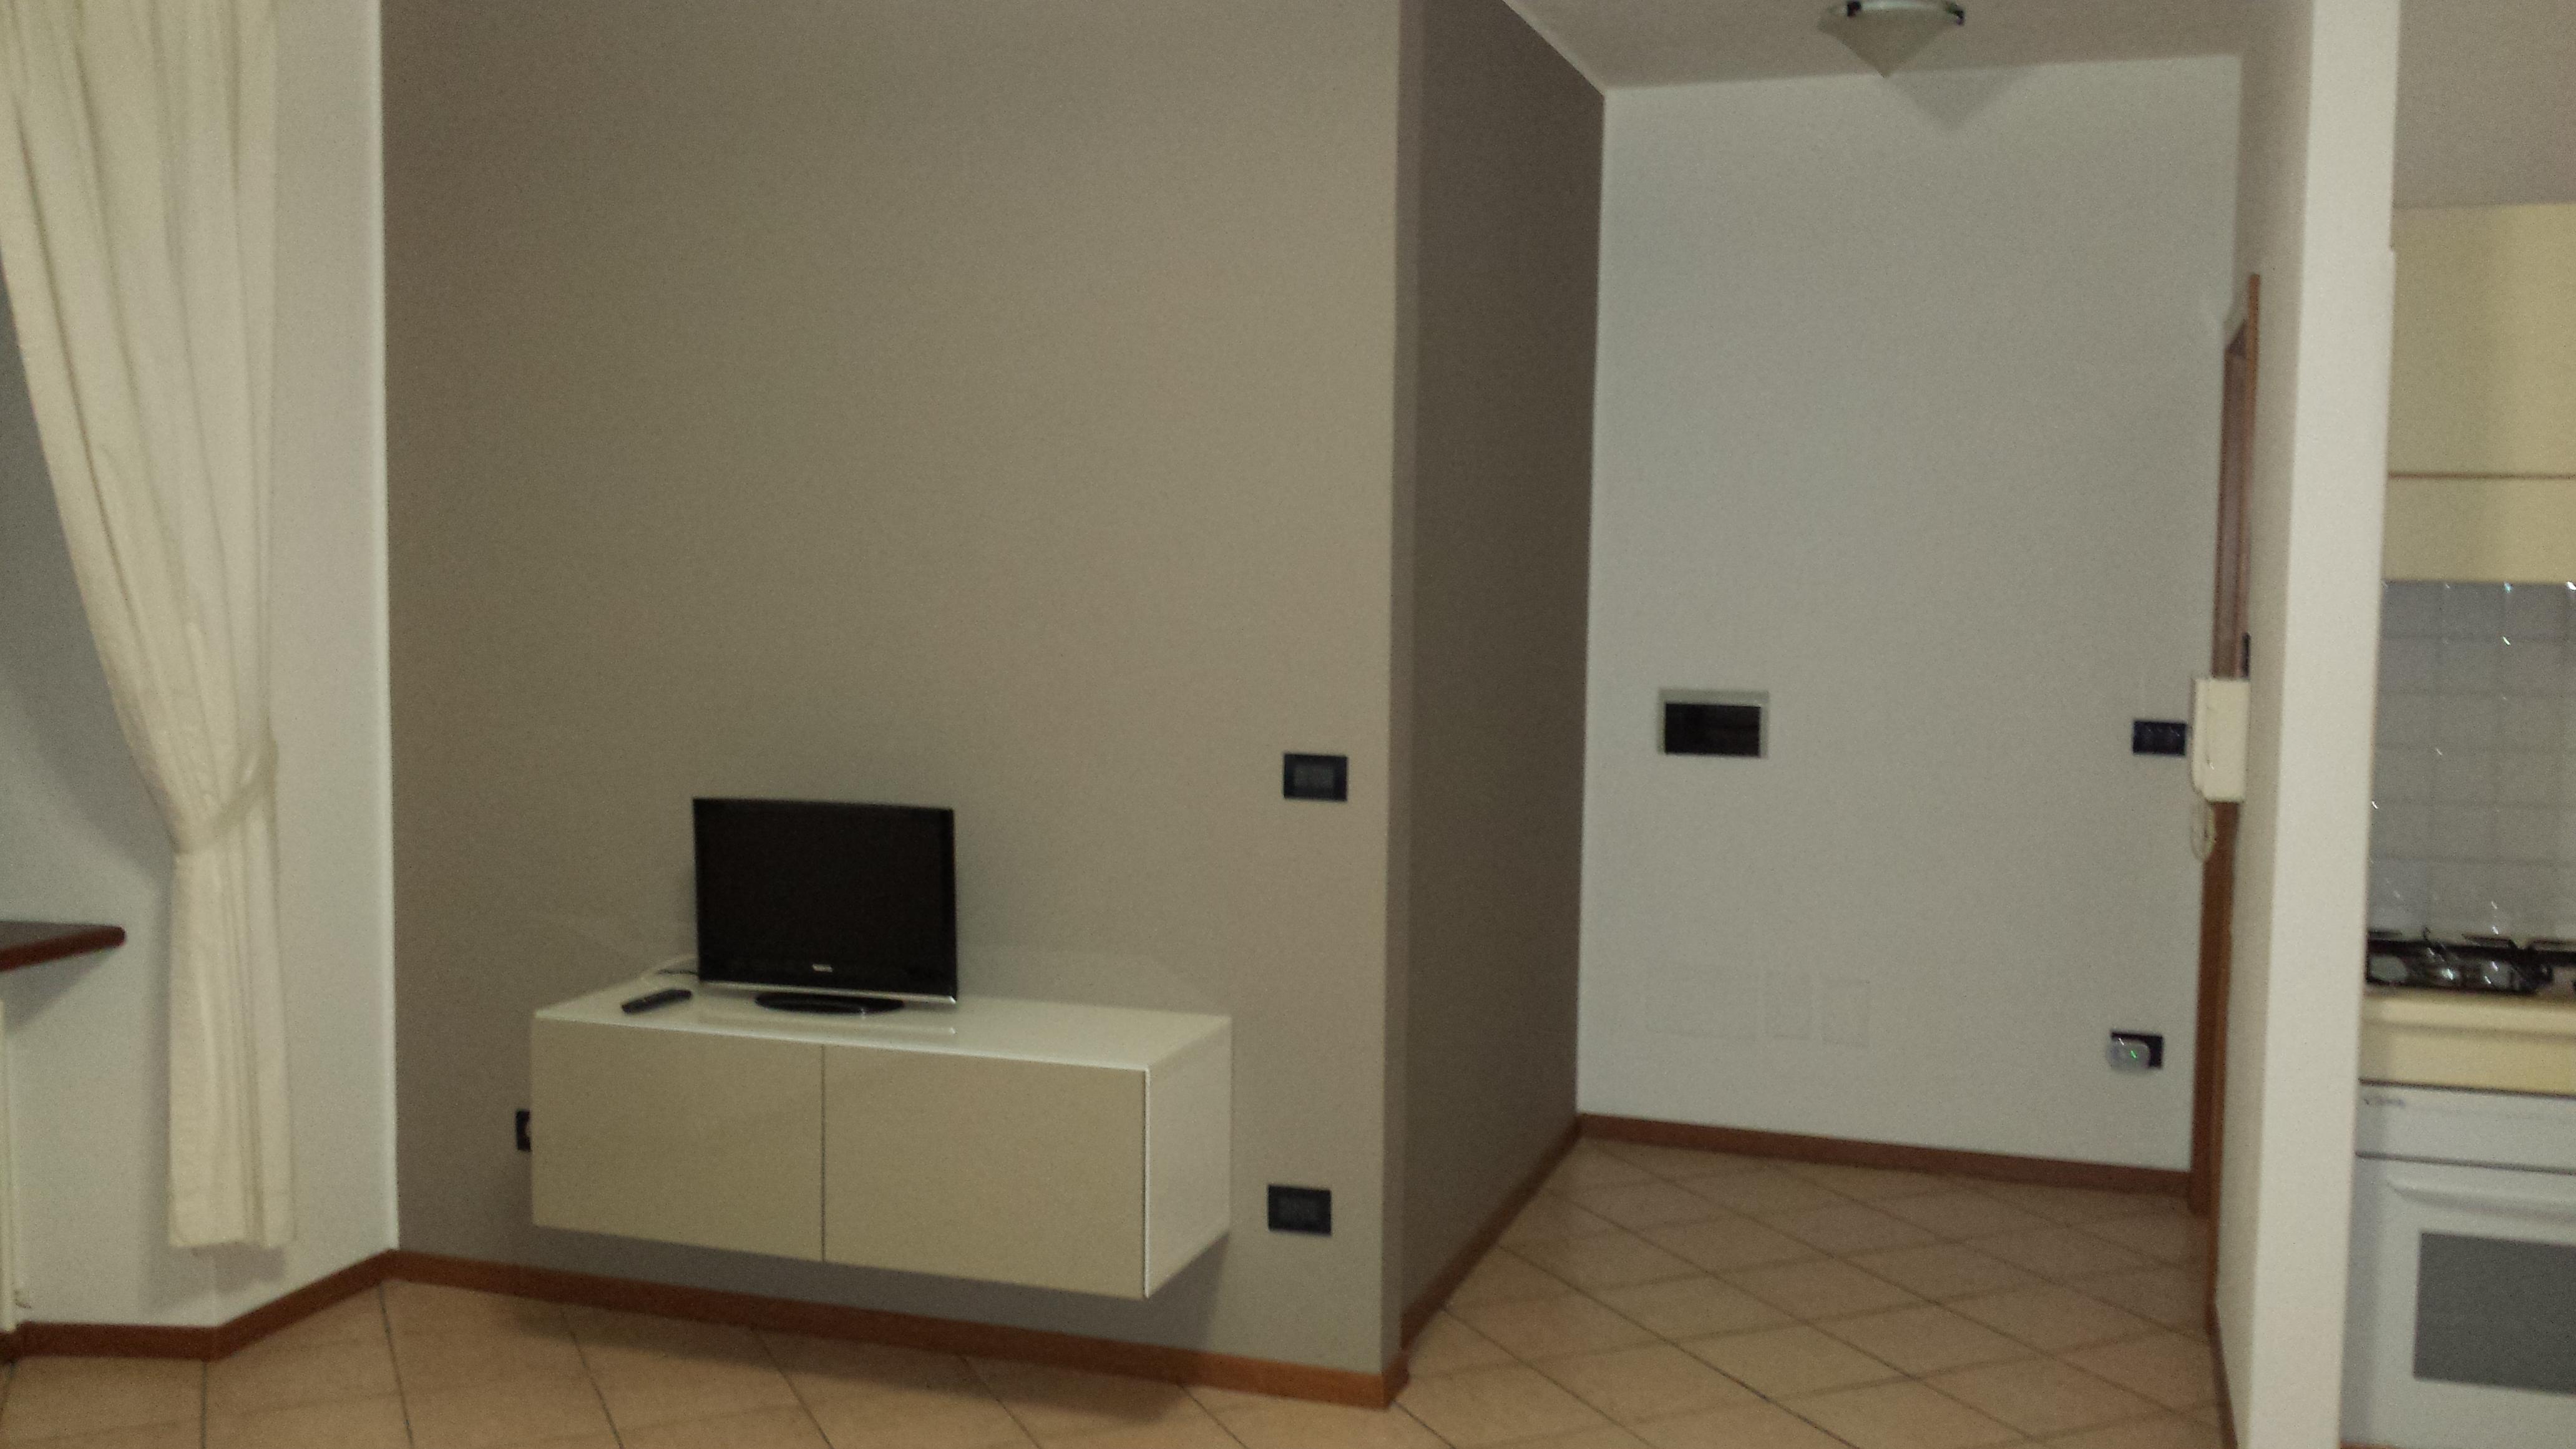 Appartamento con 1 camera da letto casa francesca for Piani appartamento 1 camera da letto